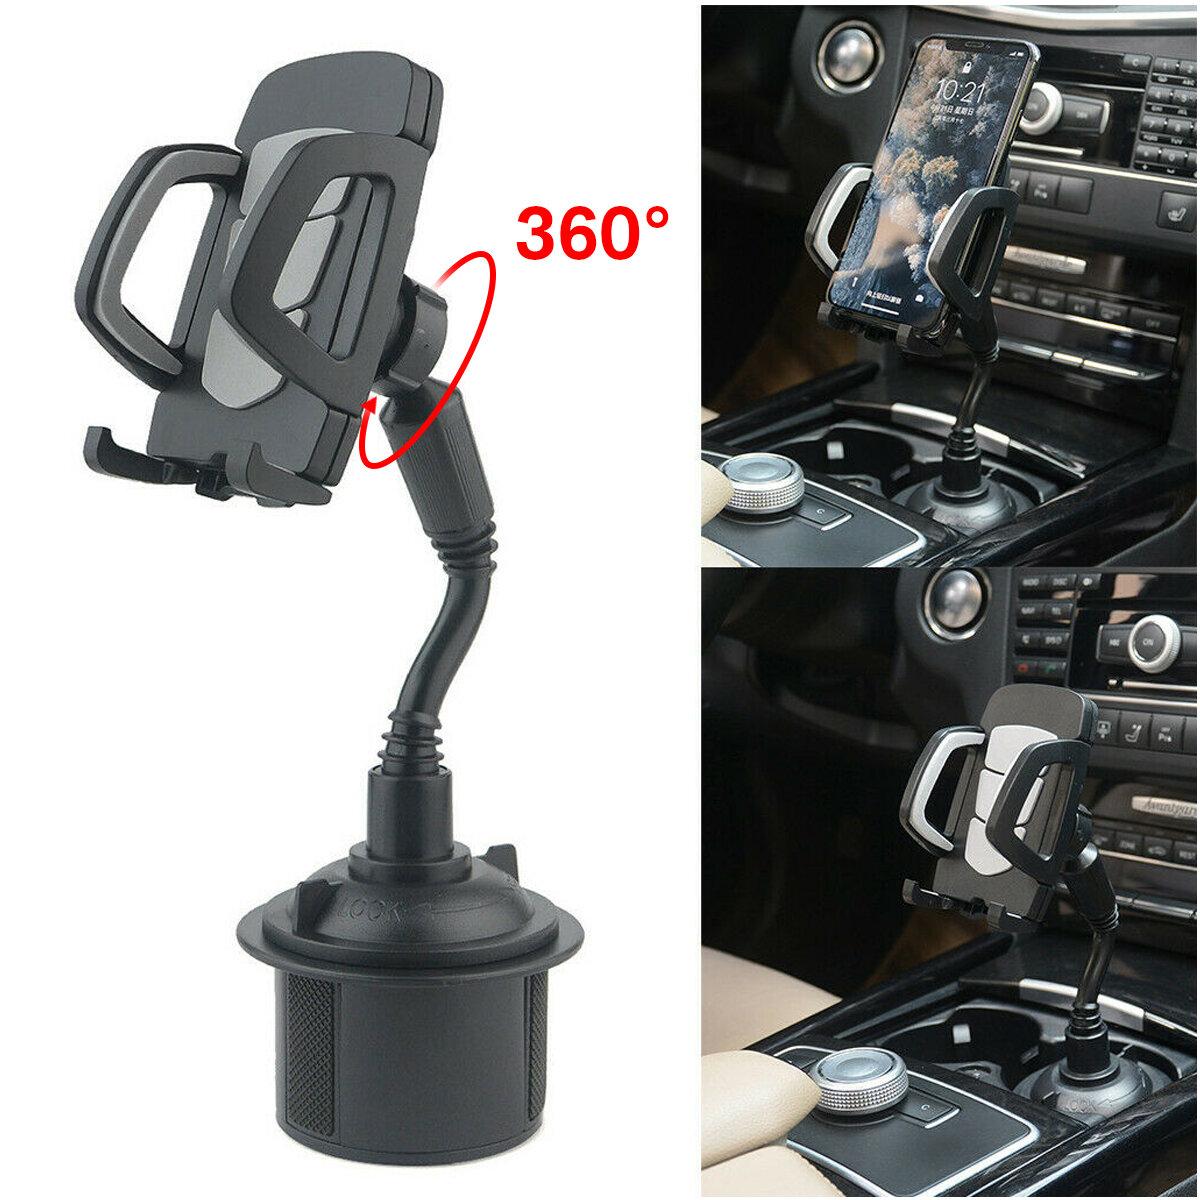 셀룰라 전화를위한 보편적 인 360 ° 조정 가능한 자동차 산 거위 목 모양의 관 컵 자동차 전화 홀더 요람